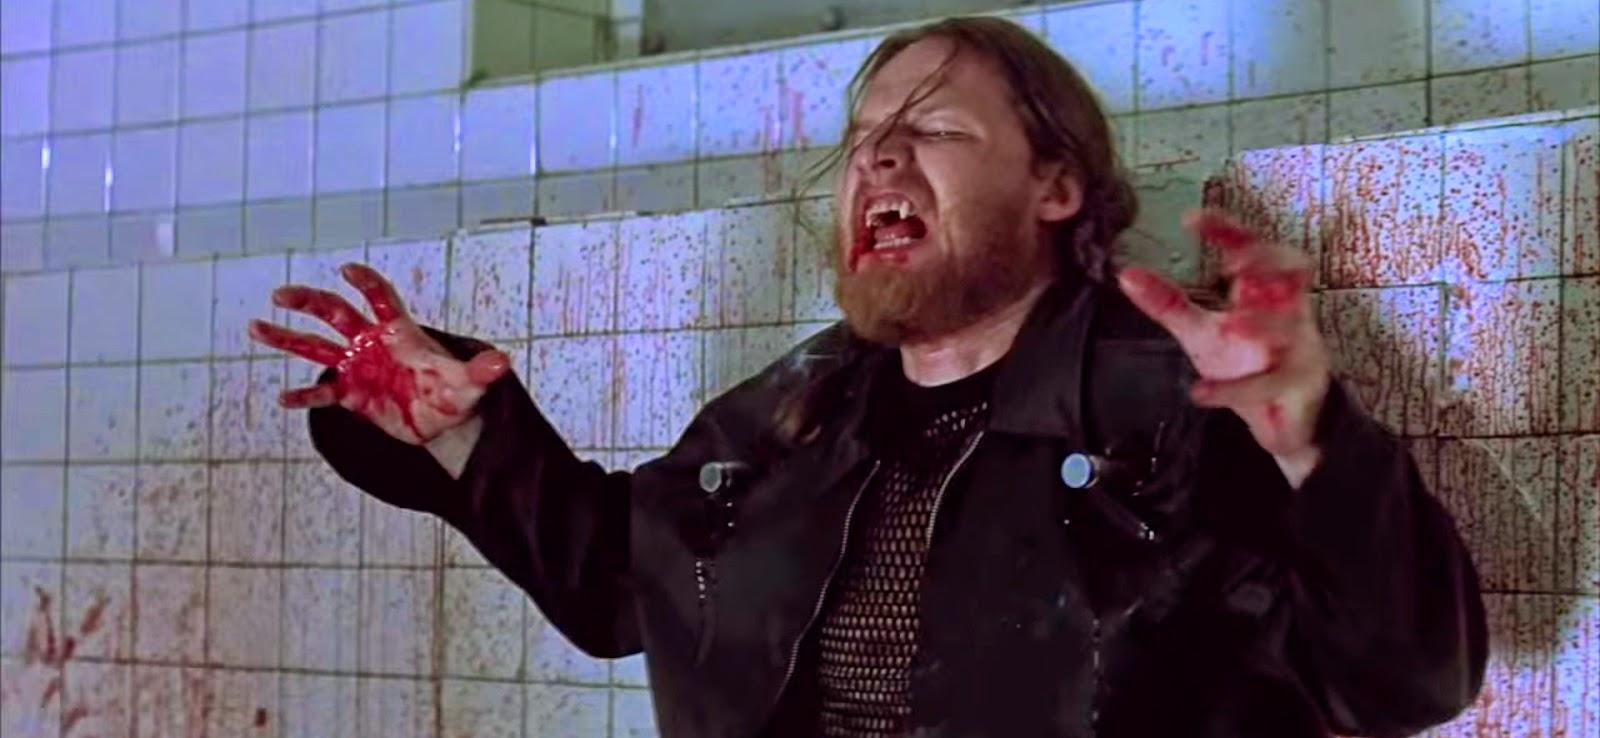 Vampiro experto en recibir palizas y perder extremidades.